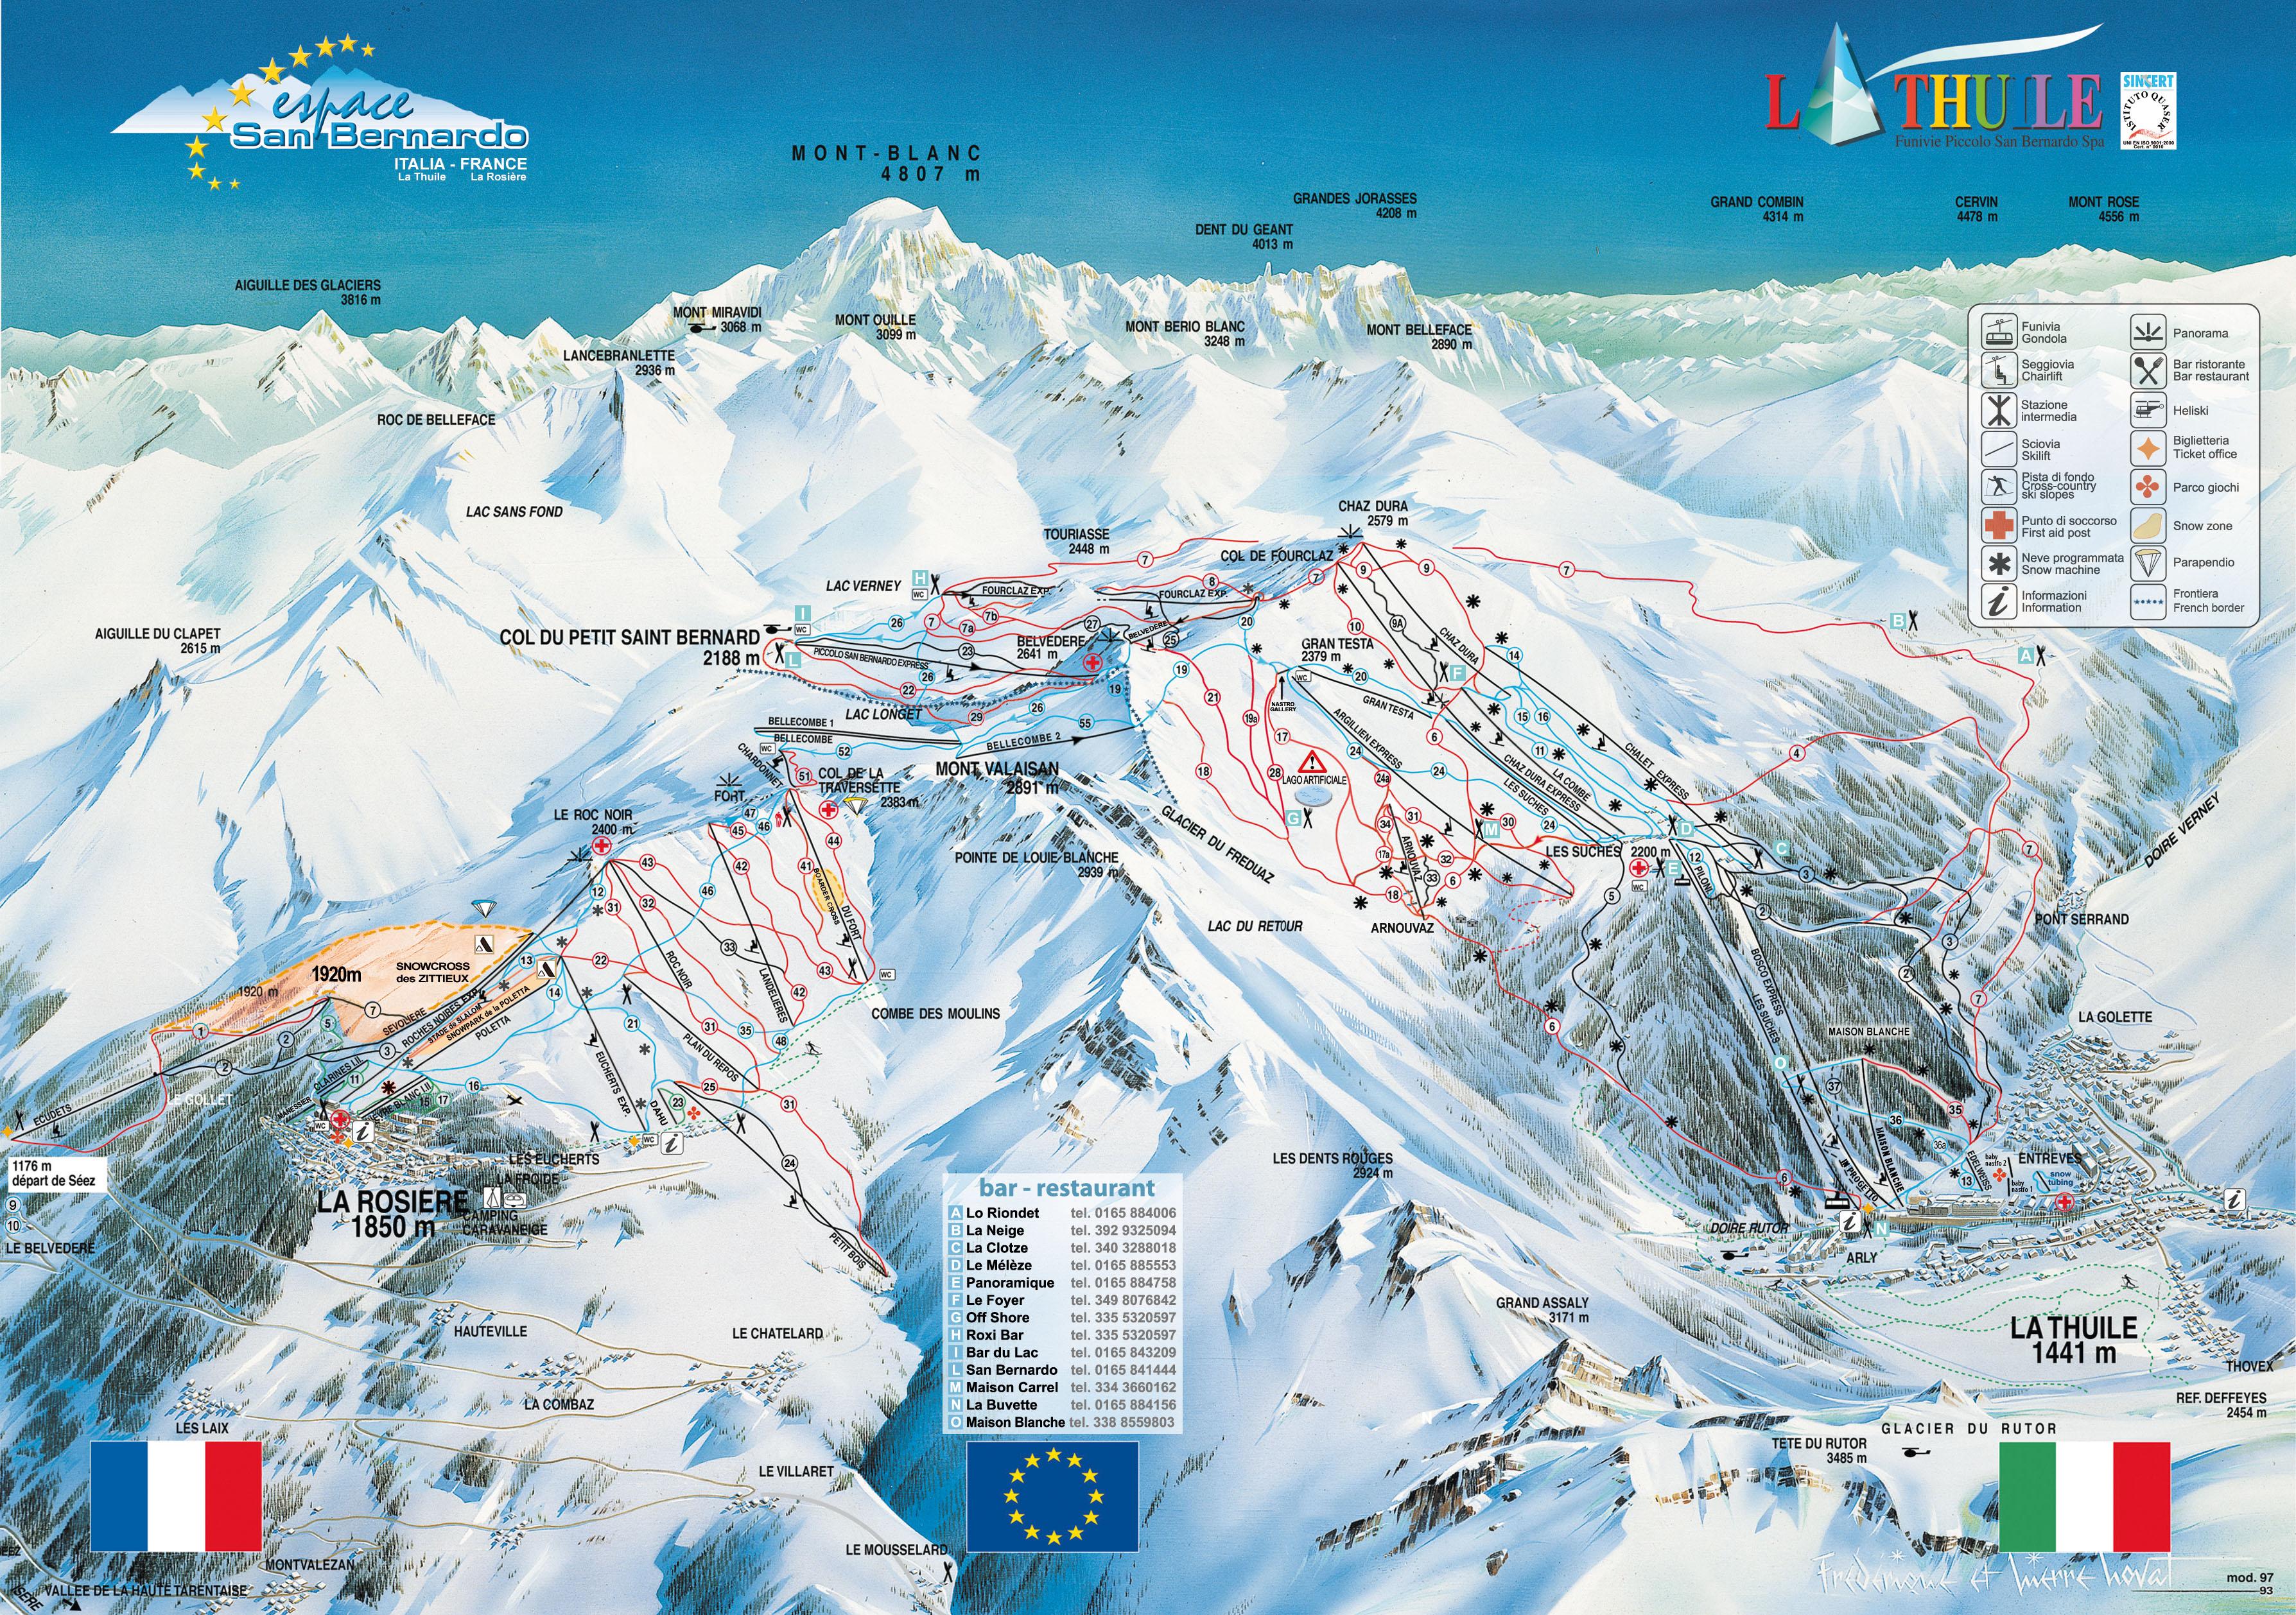 La Thuile Italy Skiing Italy Italian ski resorts